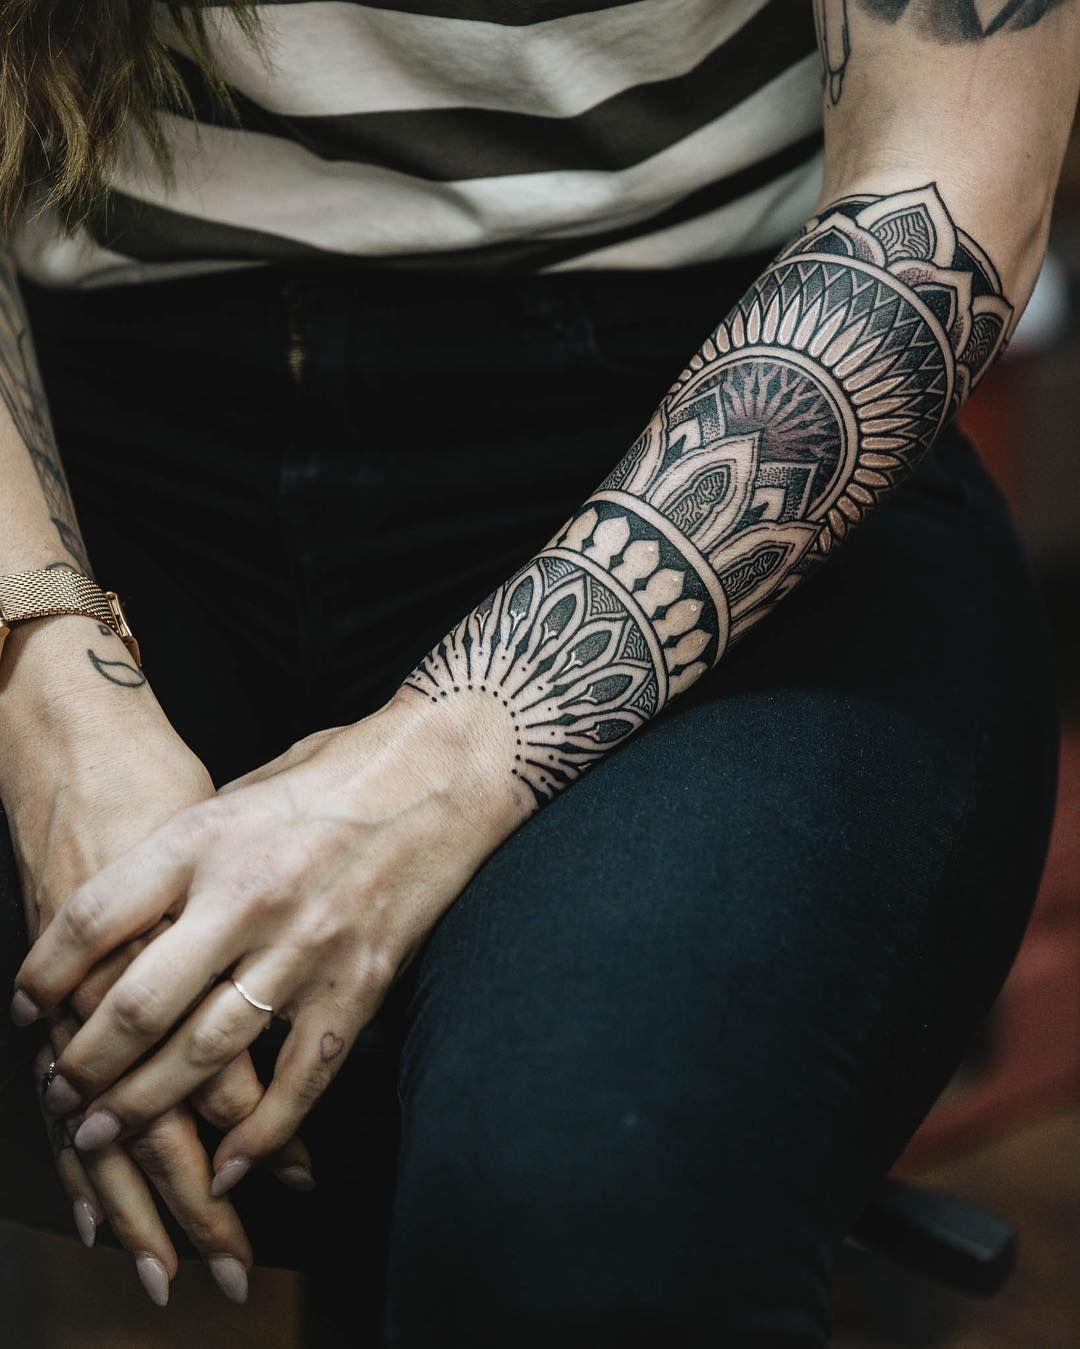 Barley Kalodimas Tattoo En Instagram Mi Nueva Direccion Es Crear Mas Femenino Un In 2020 Polynesian Tattoos Women Lower Arm Tattoos Arm Tattoos For Women